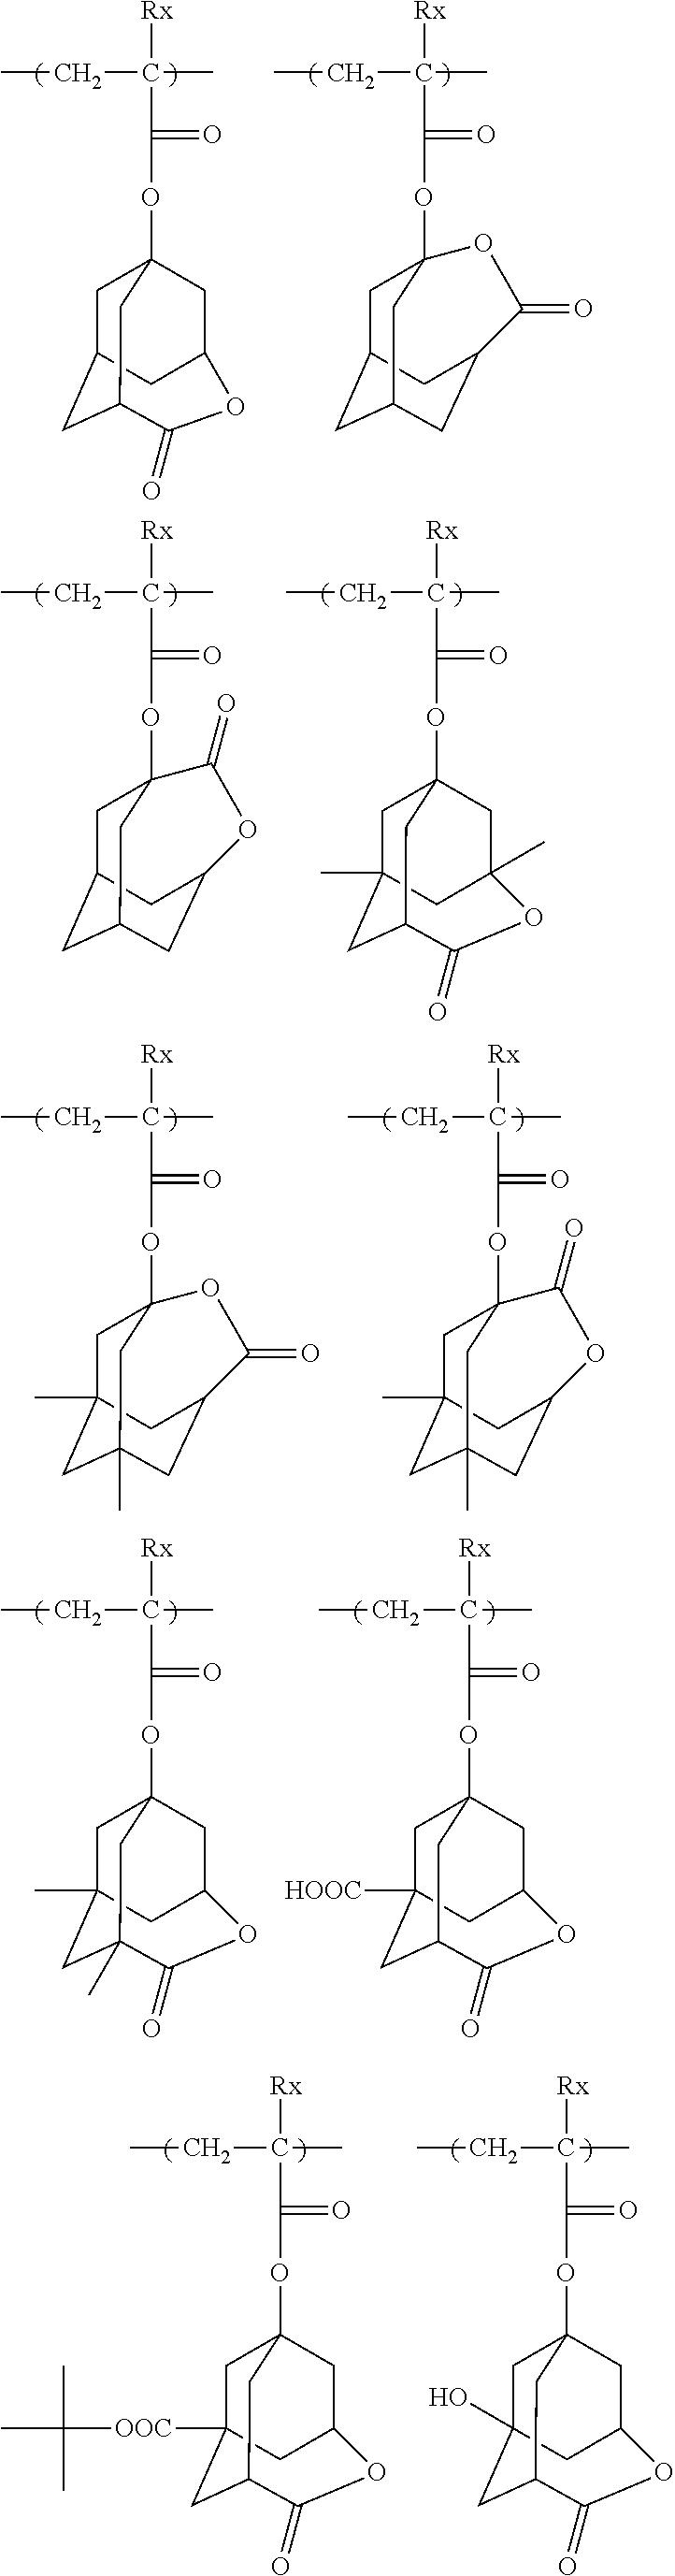 Figure US08476001-20130702-C00032